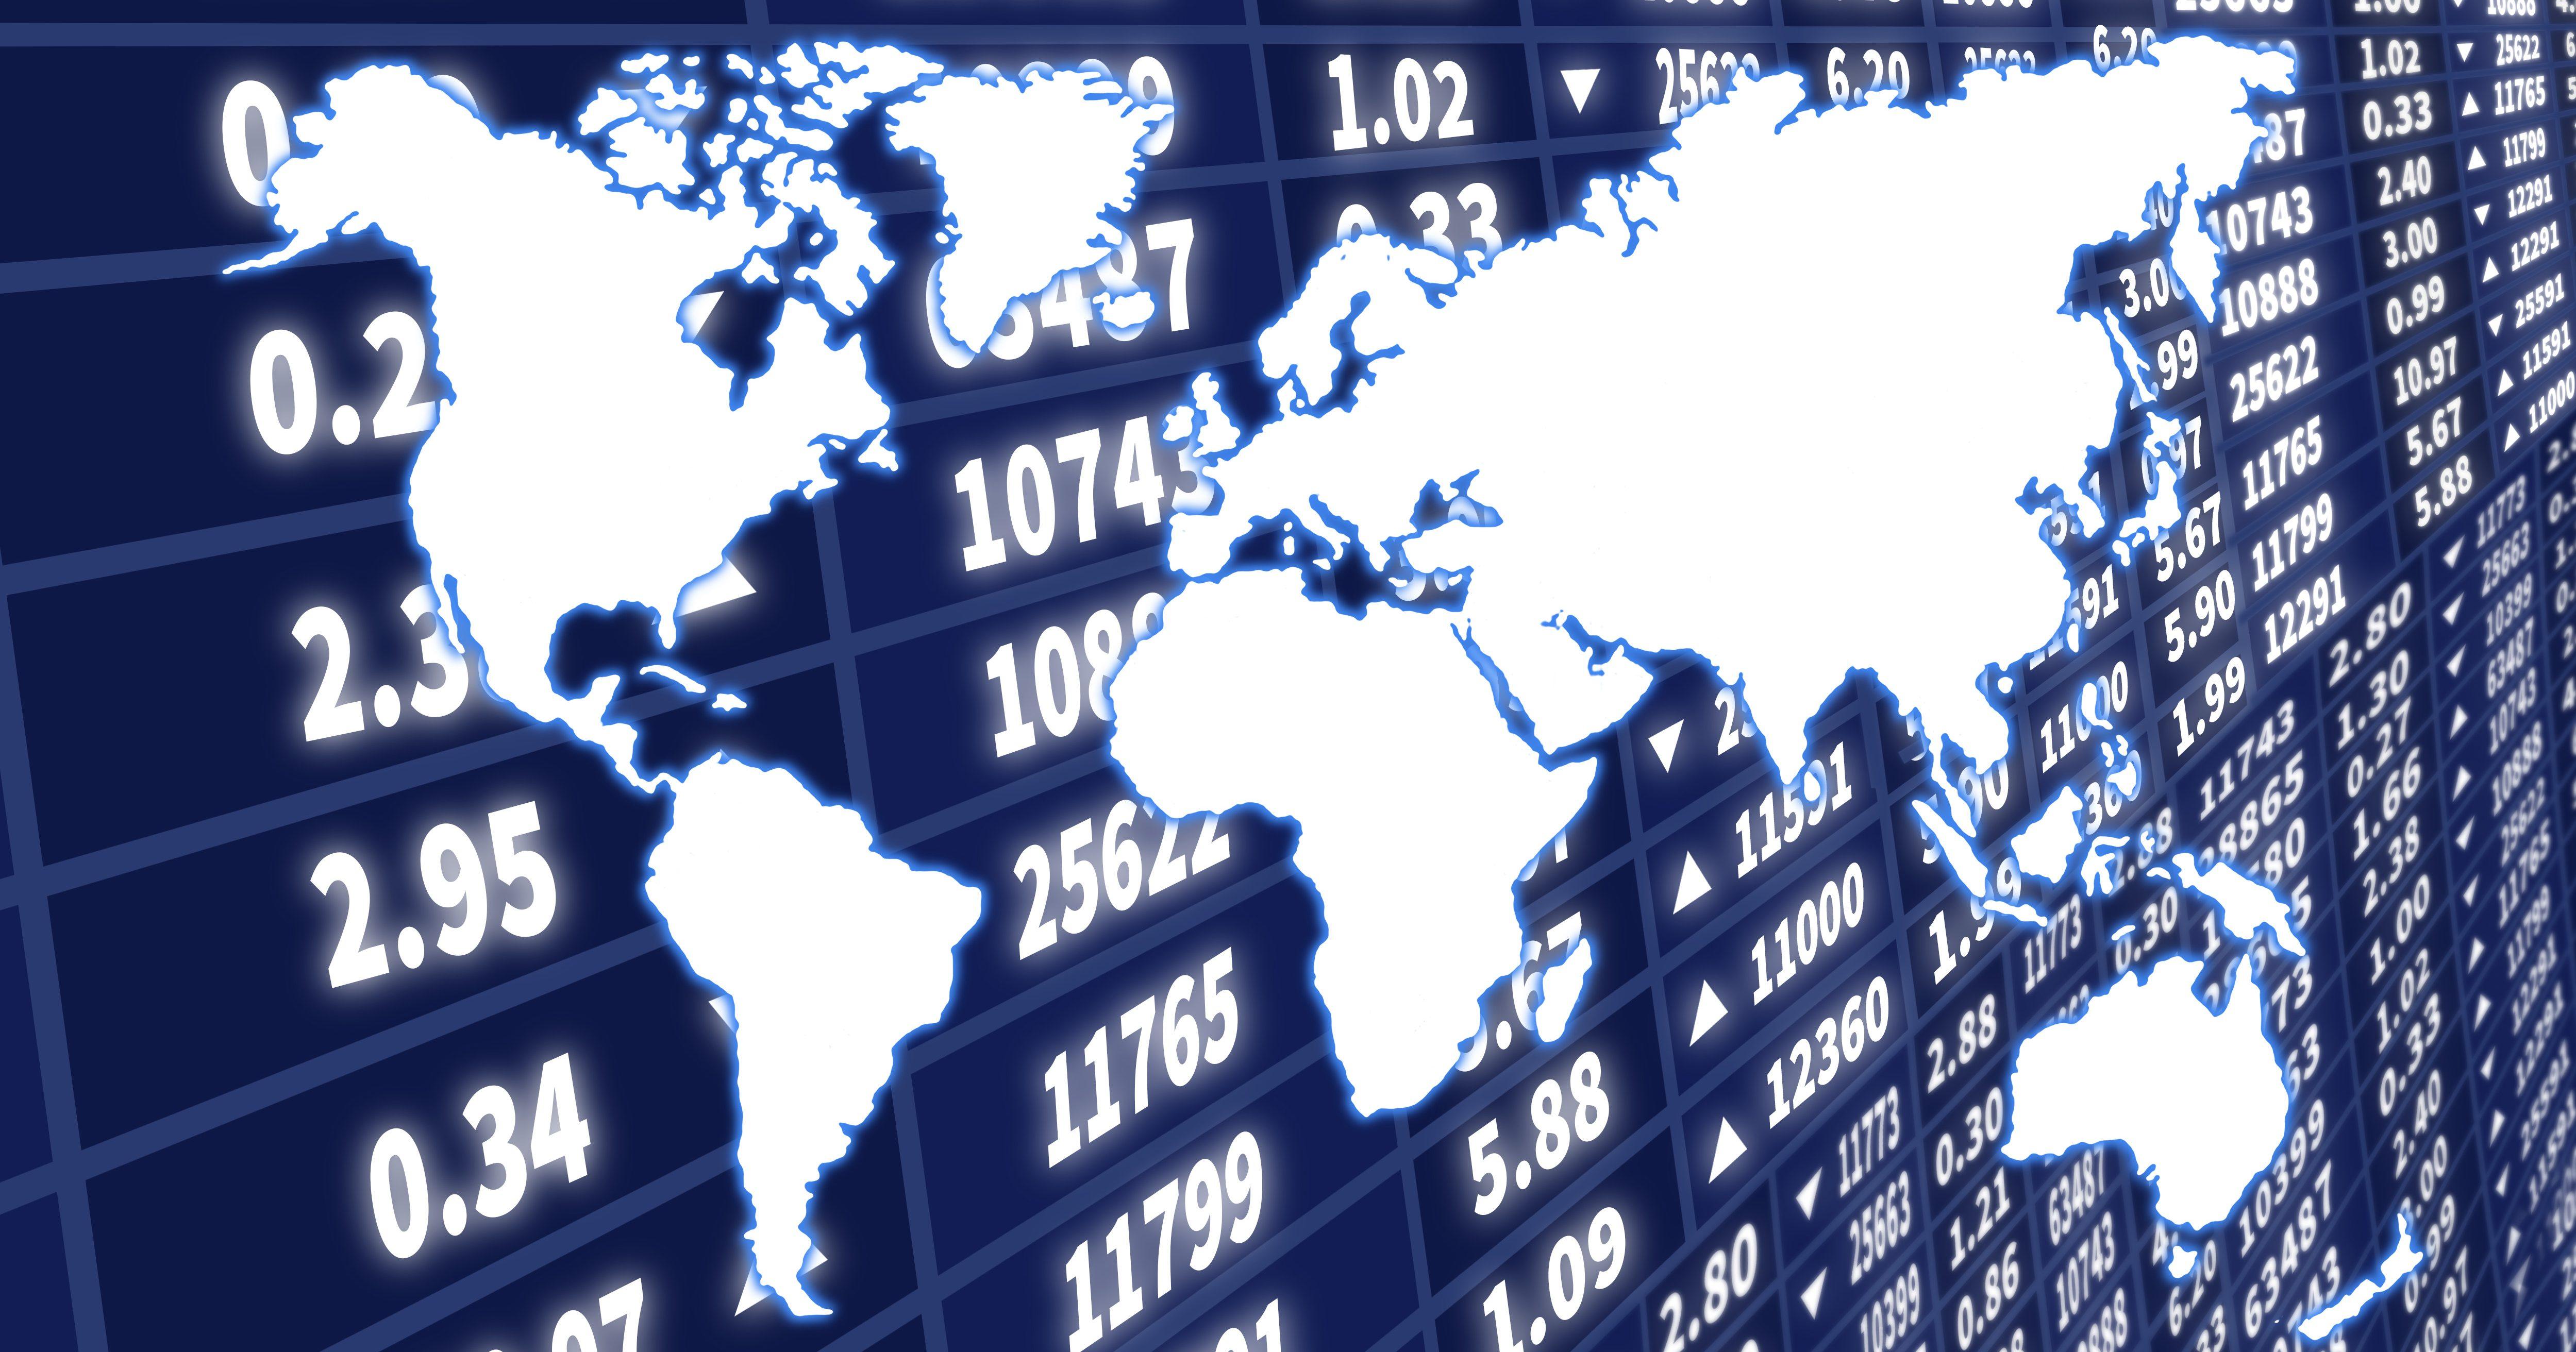 Обзор: нефтетрейдеры изучают отчеты МЭА, рубль пытается стабилизироваться